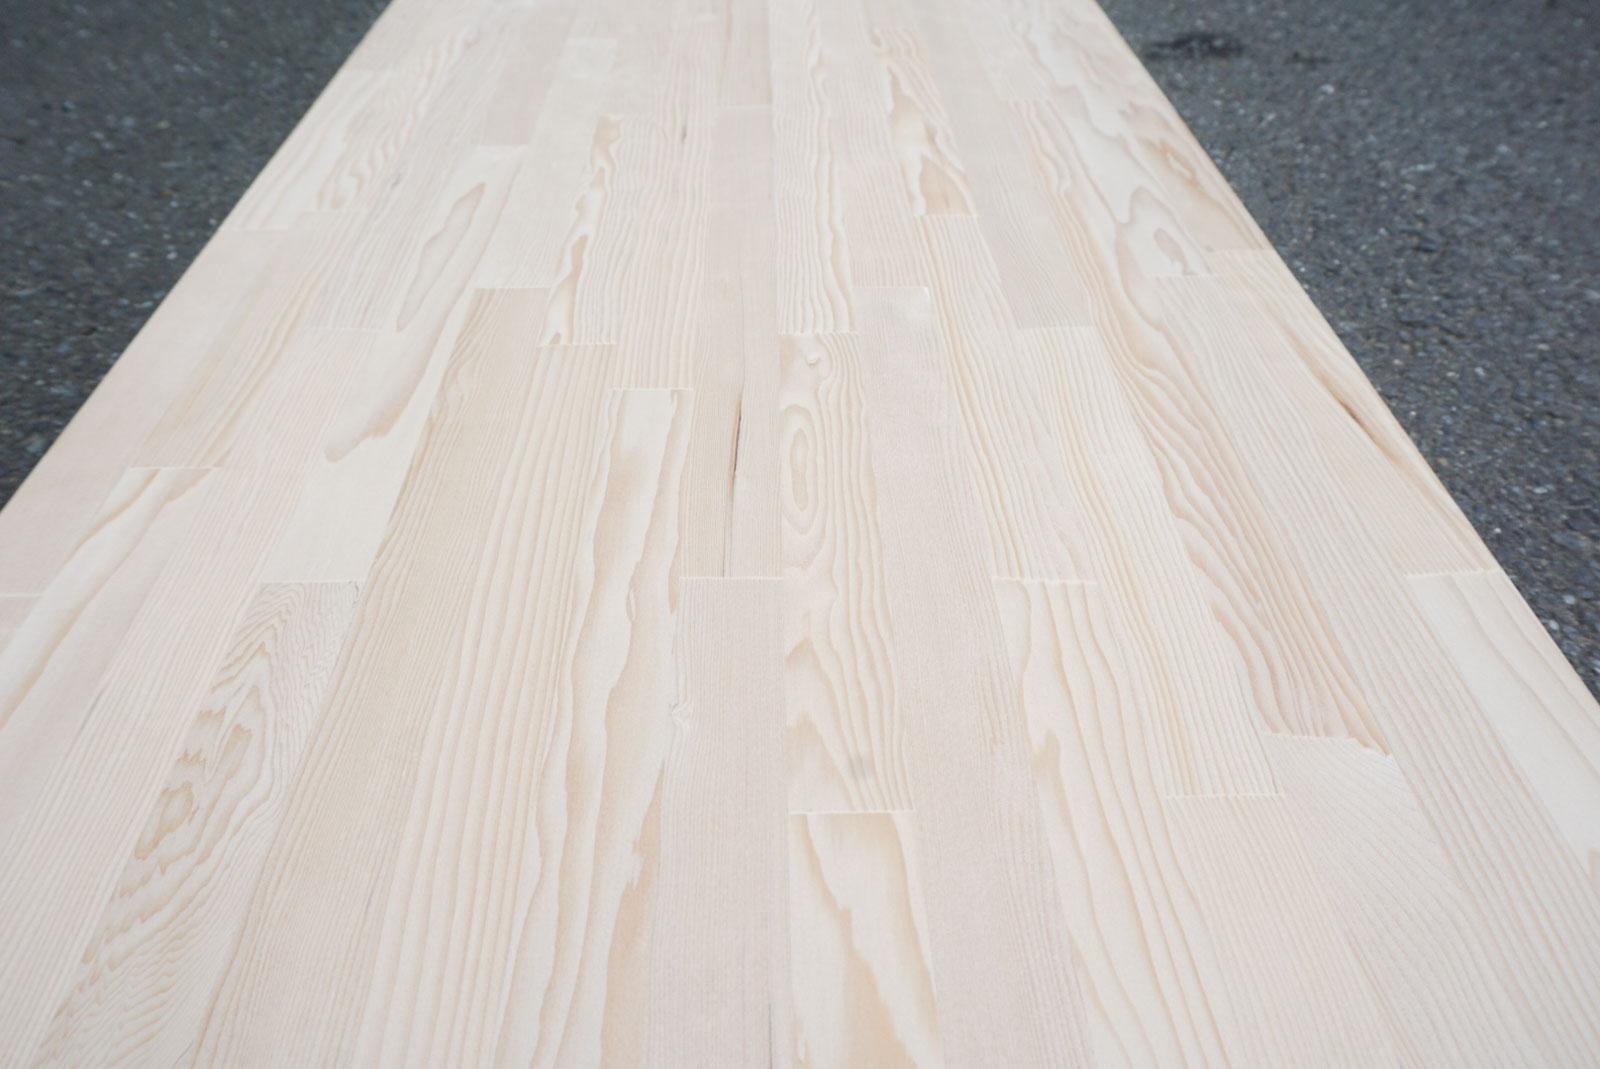 26-003 栂(ツガ) フリー板 榛名木材工業株式会社(群馬県)